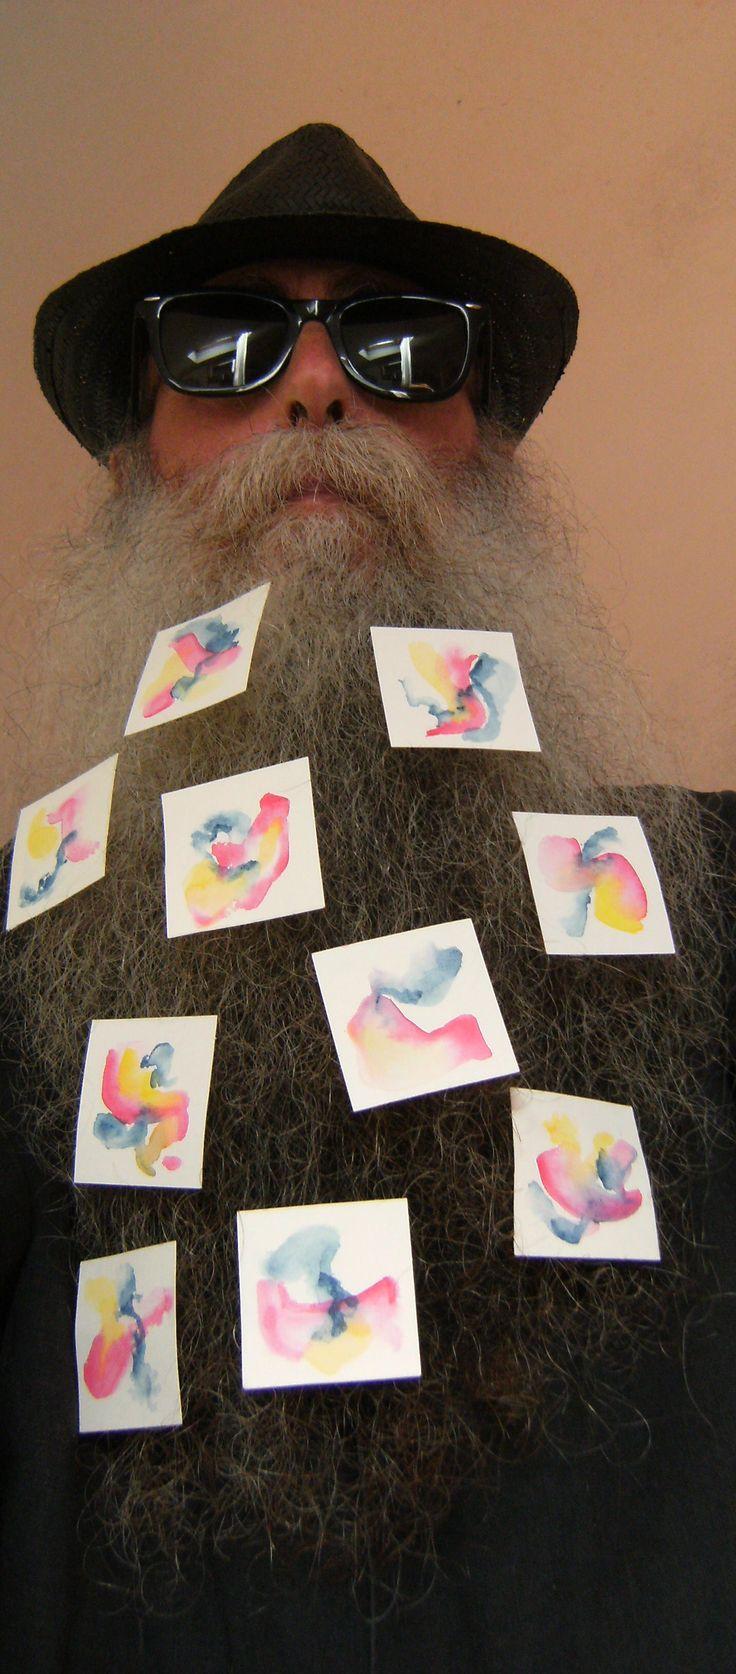 BEARD GALLERY - Opere di Silvana Iovino installate sulla mia barba (Galleria Pensile)